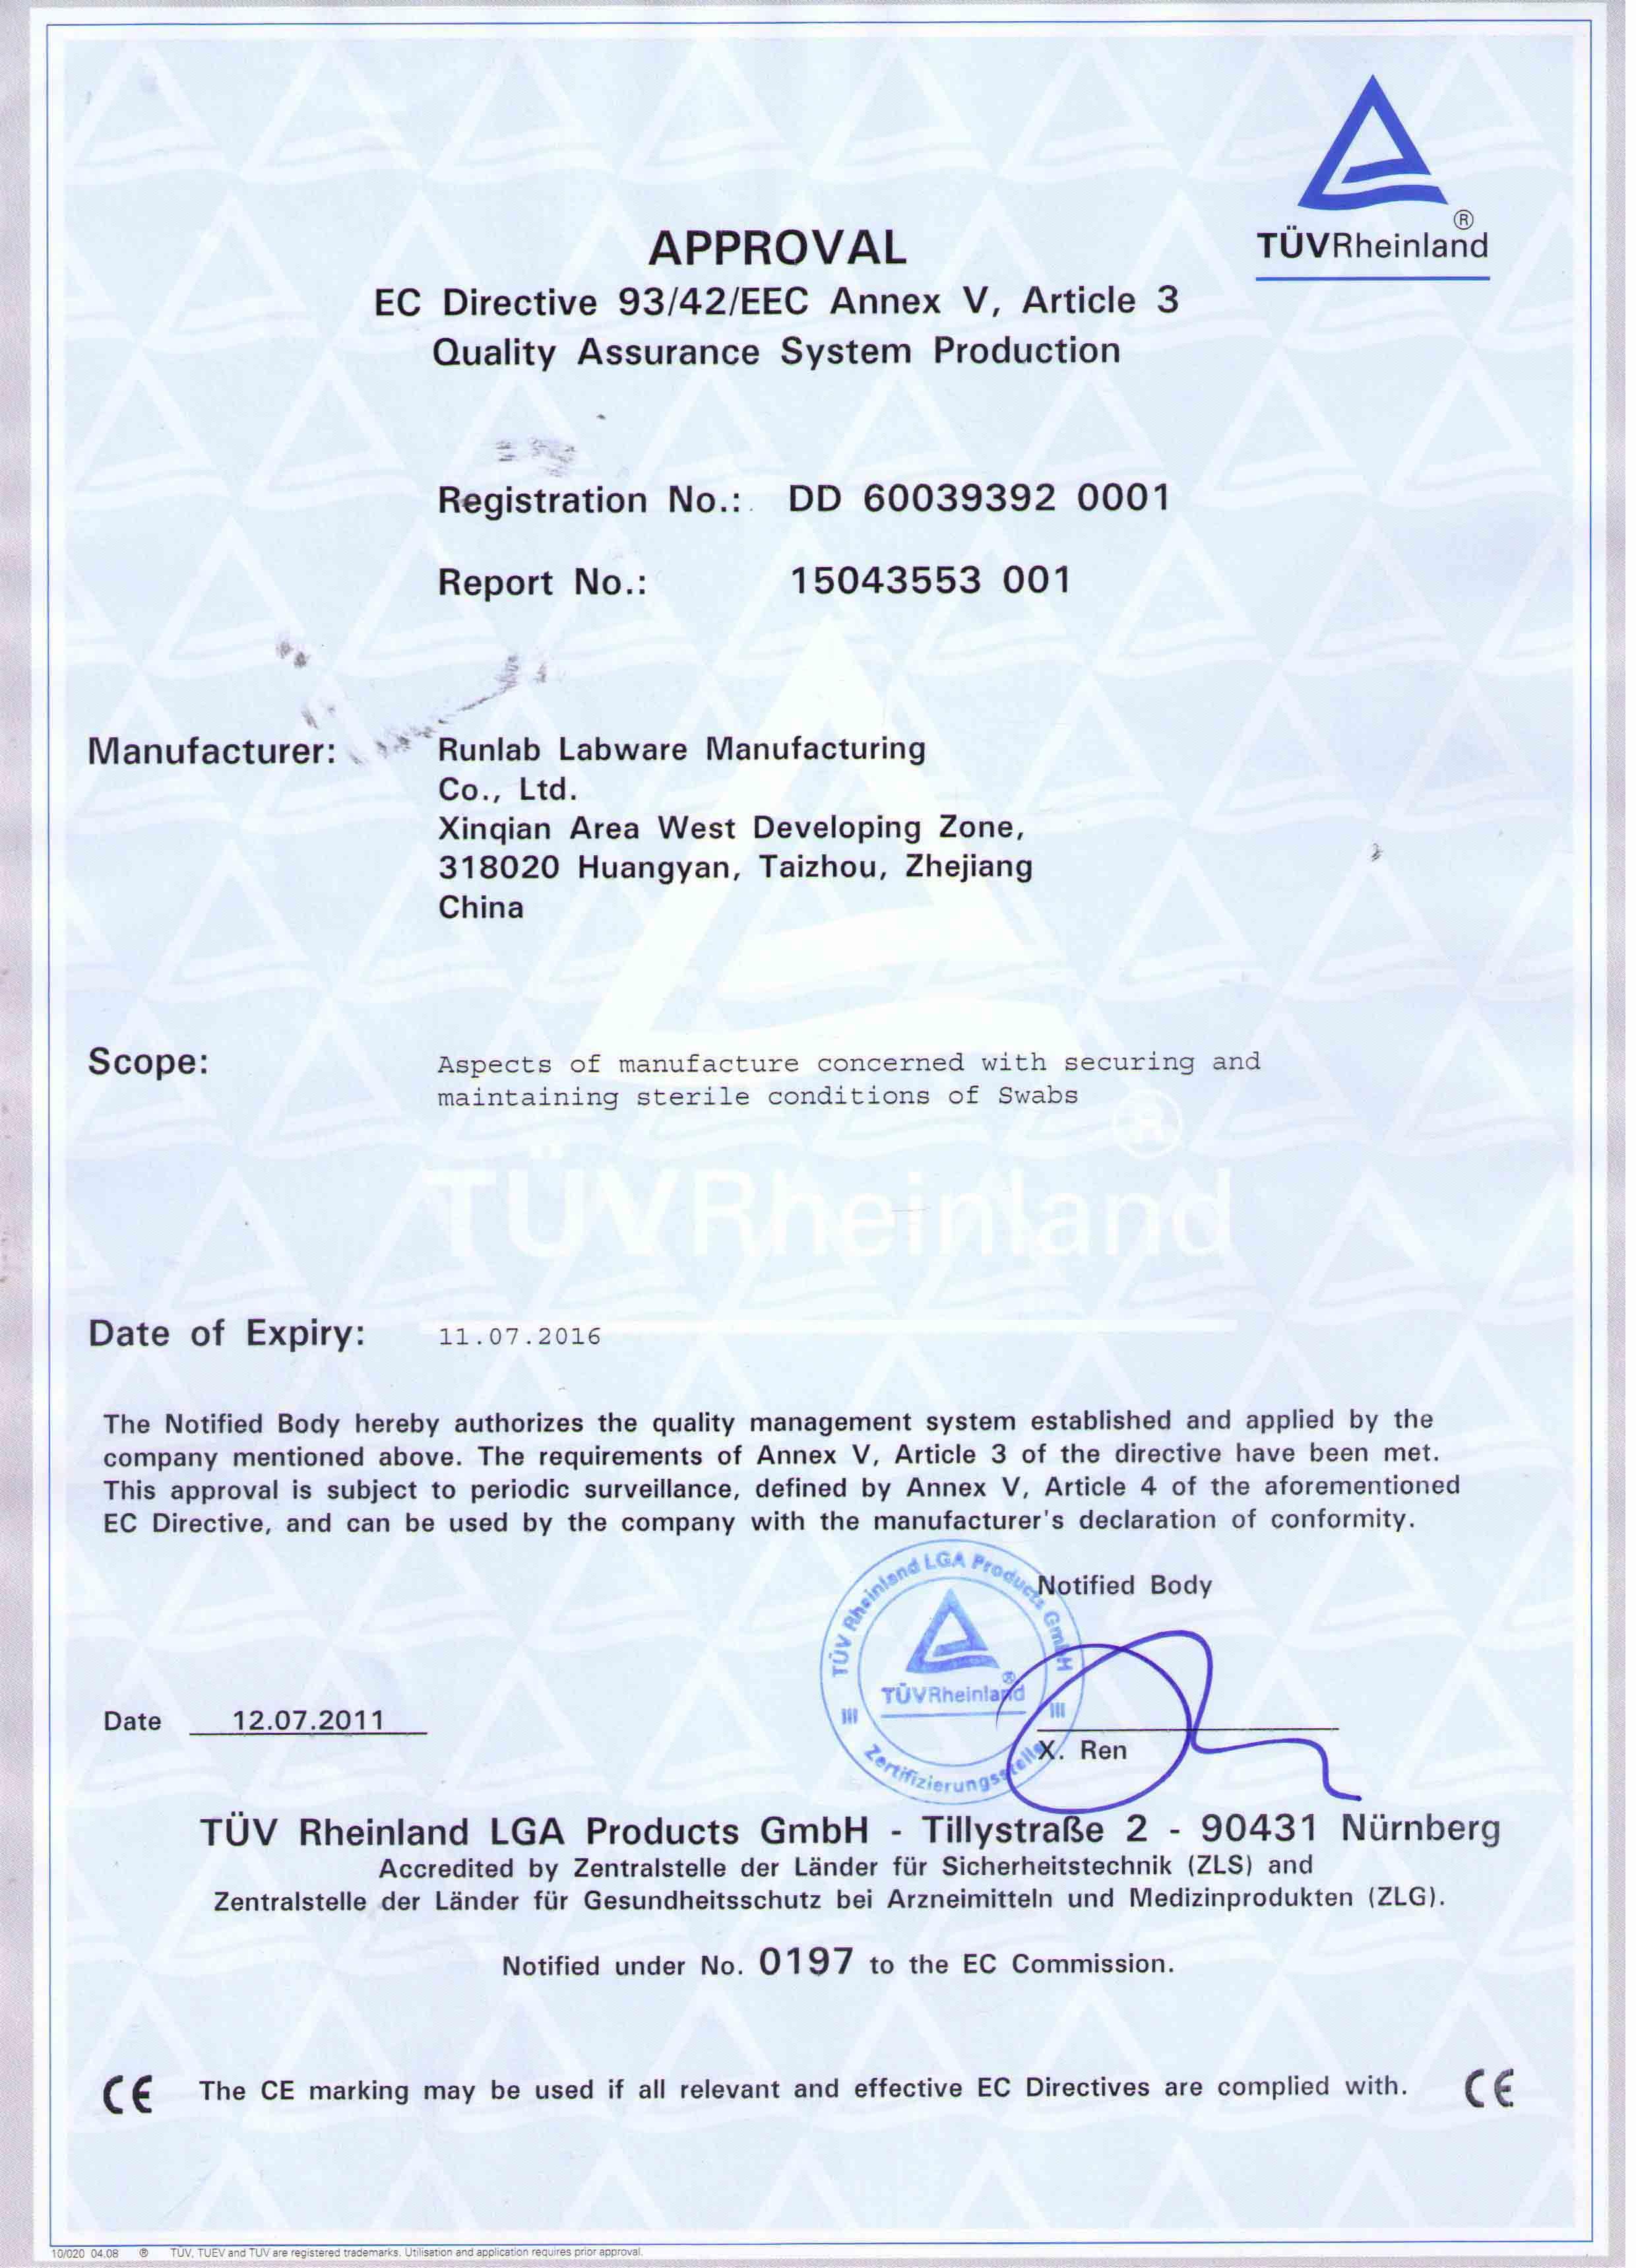 EC Directive 93/42EEC Certificate